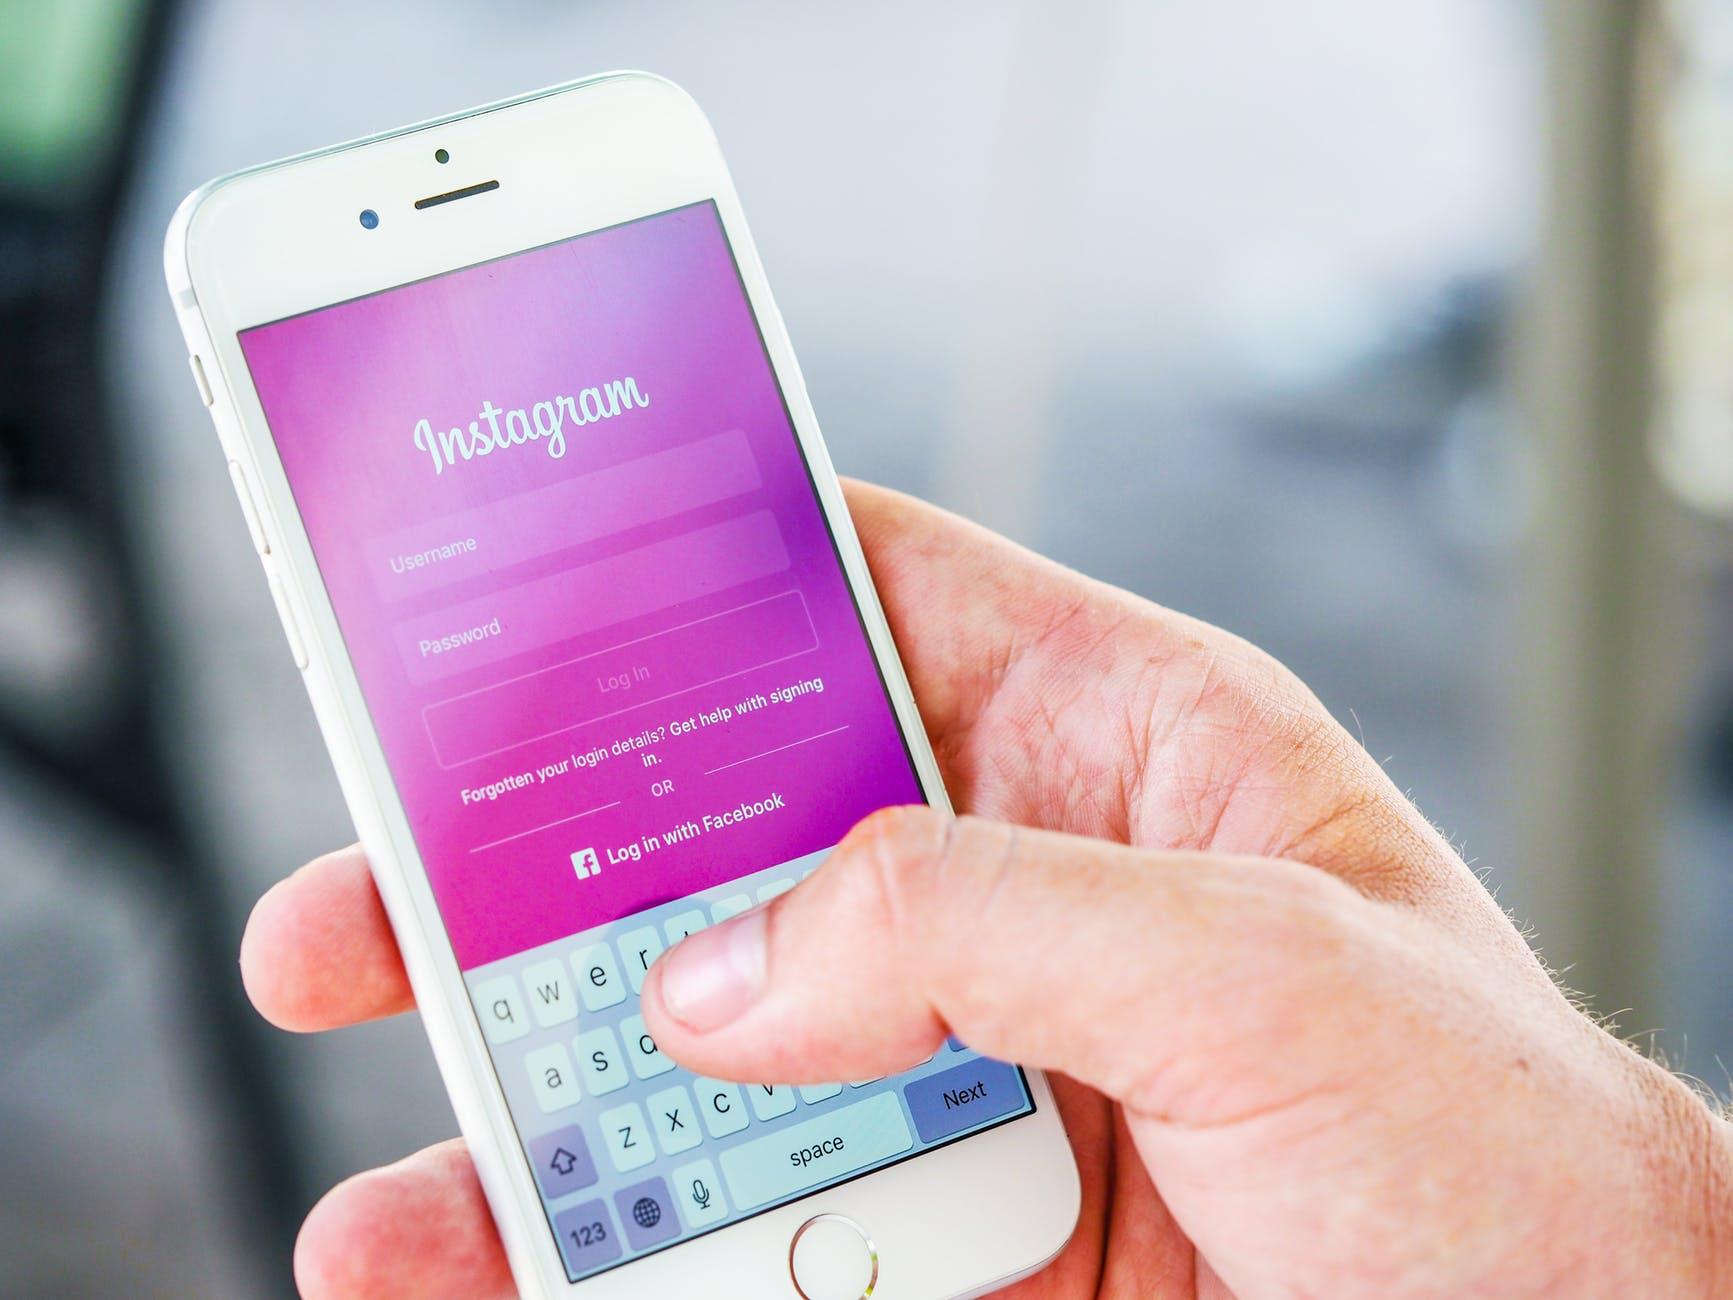 Atasi Kesenjangan dengan Sosialisasi Cara Membuat Instagram Ke UKM